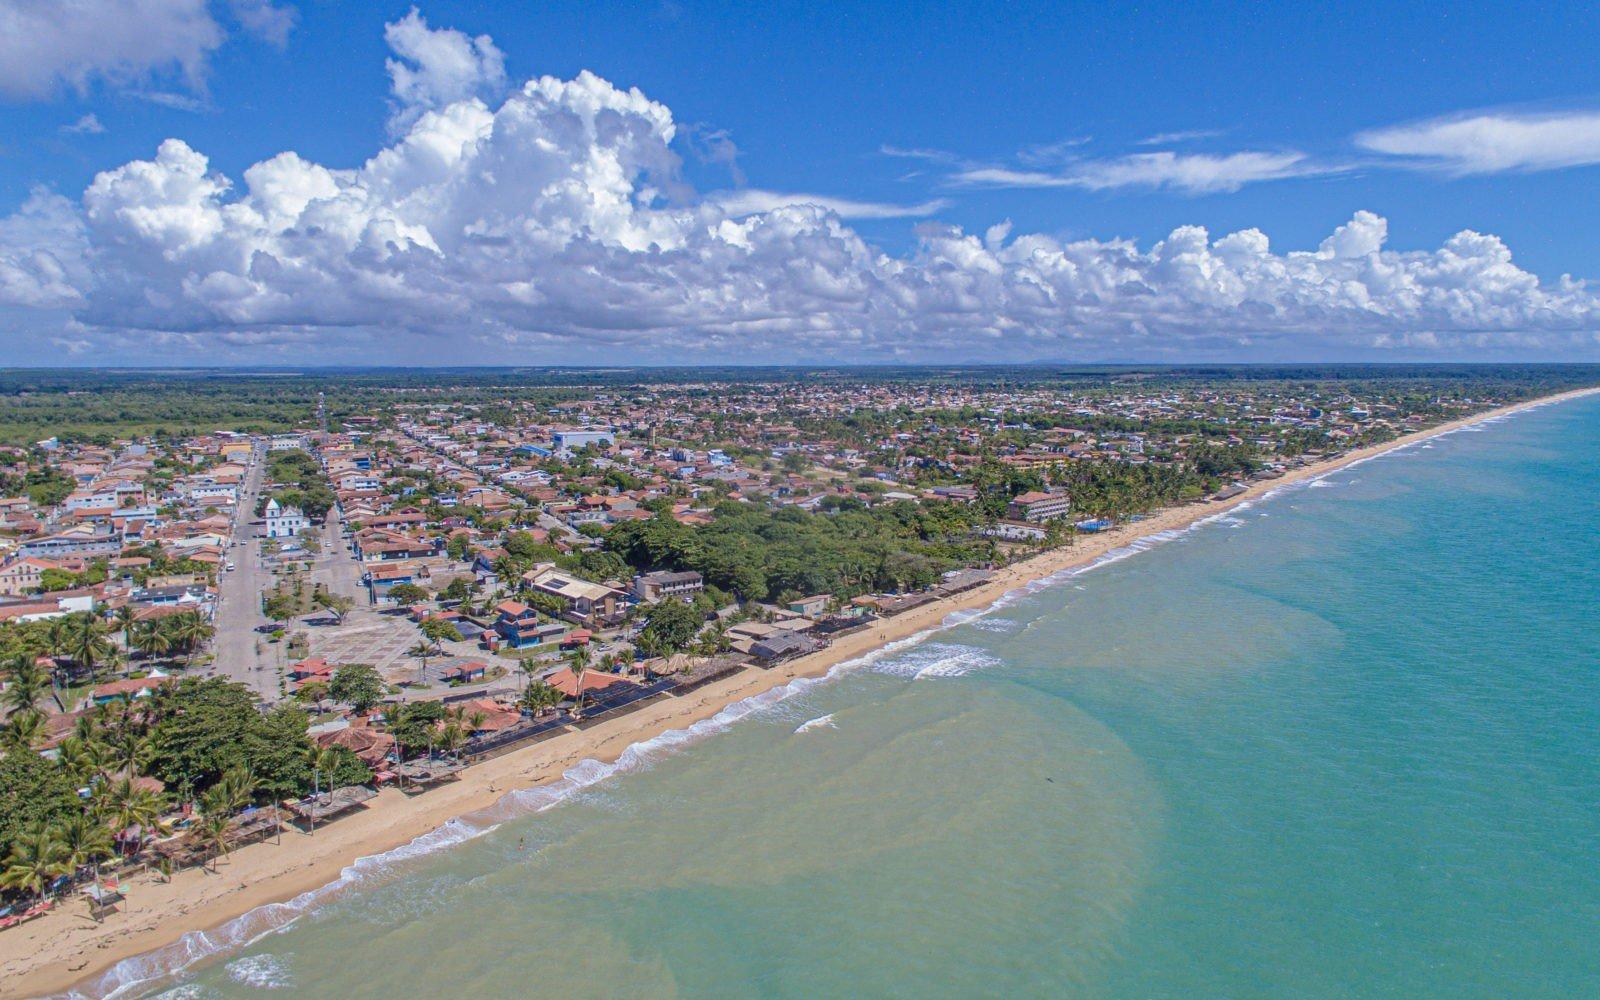 Foto aérea cidade de Prado 01